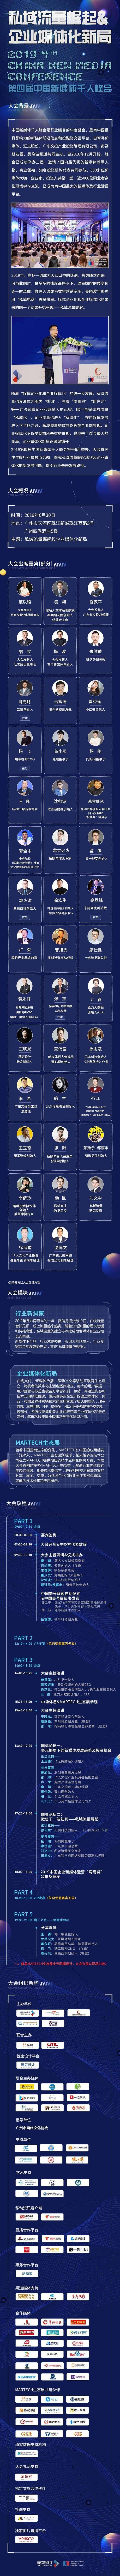 峰会长图(2019-6-13)去掉互动吧.jpg